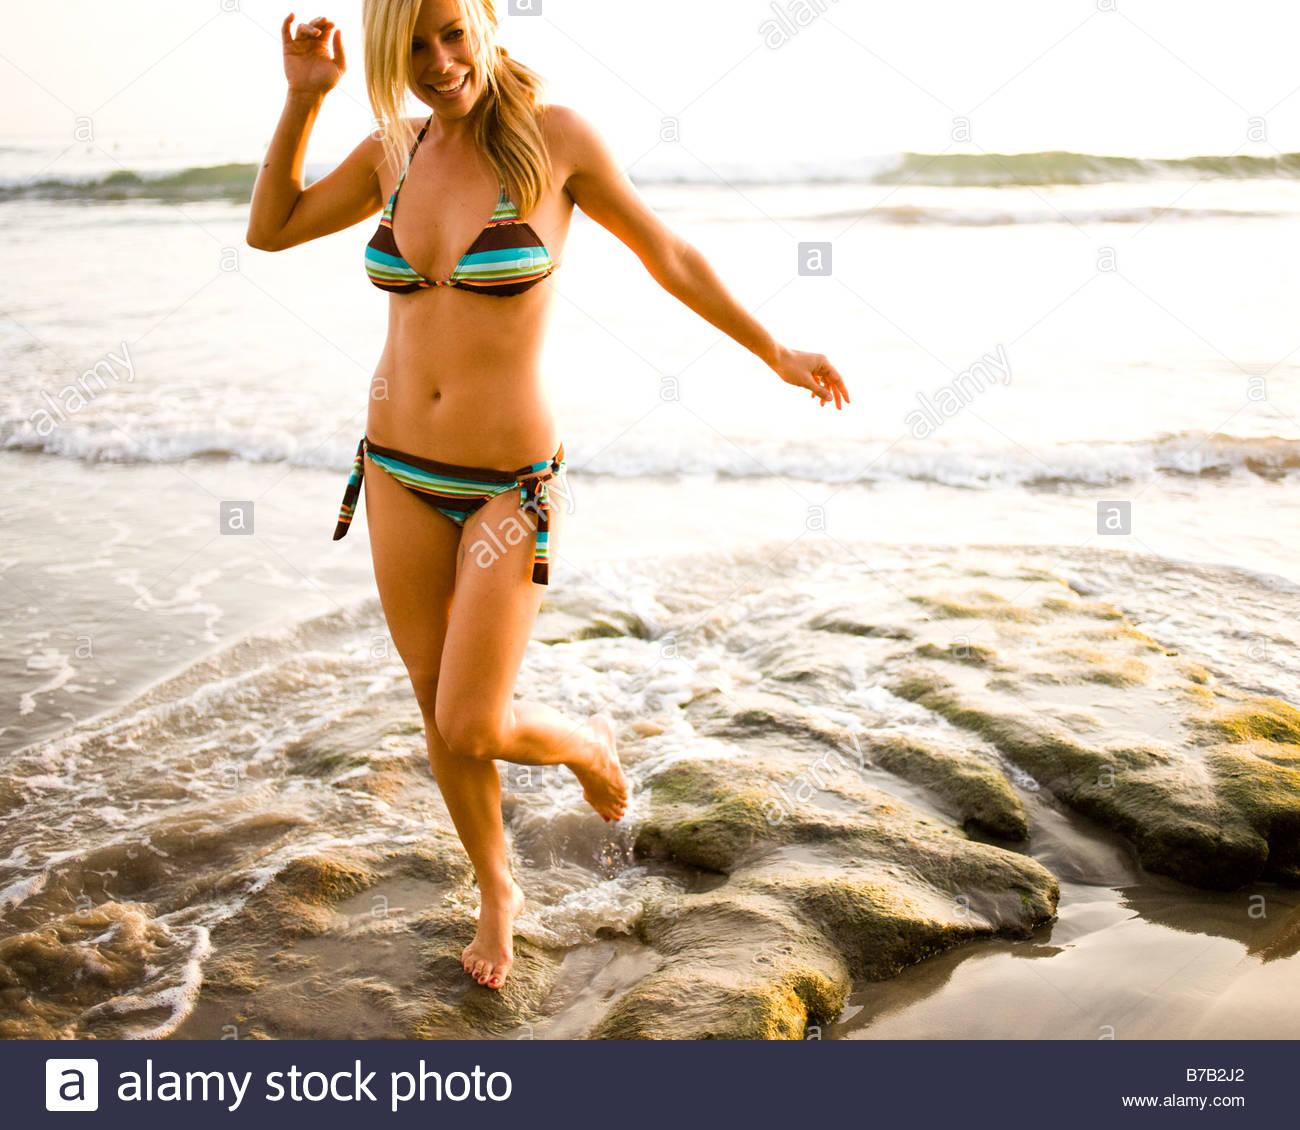 Woman in bikini walking on craggy beach - Stock Image